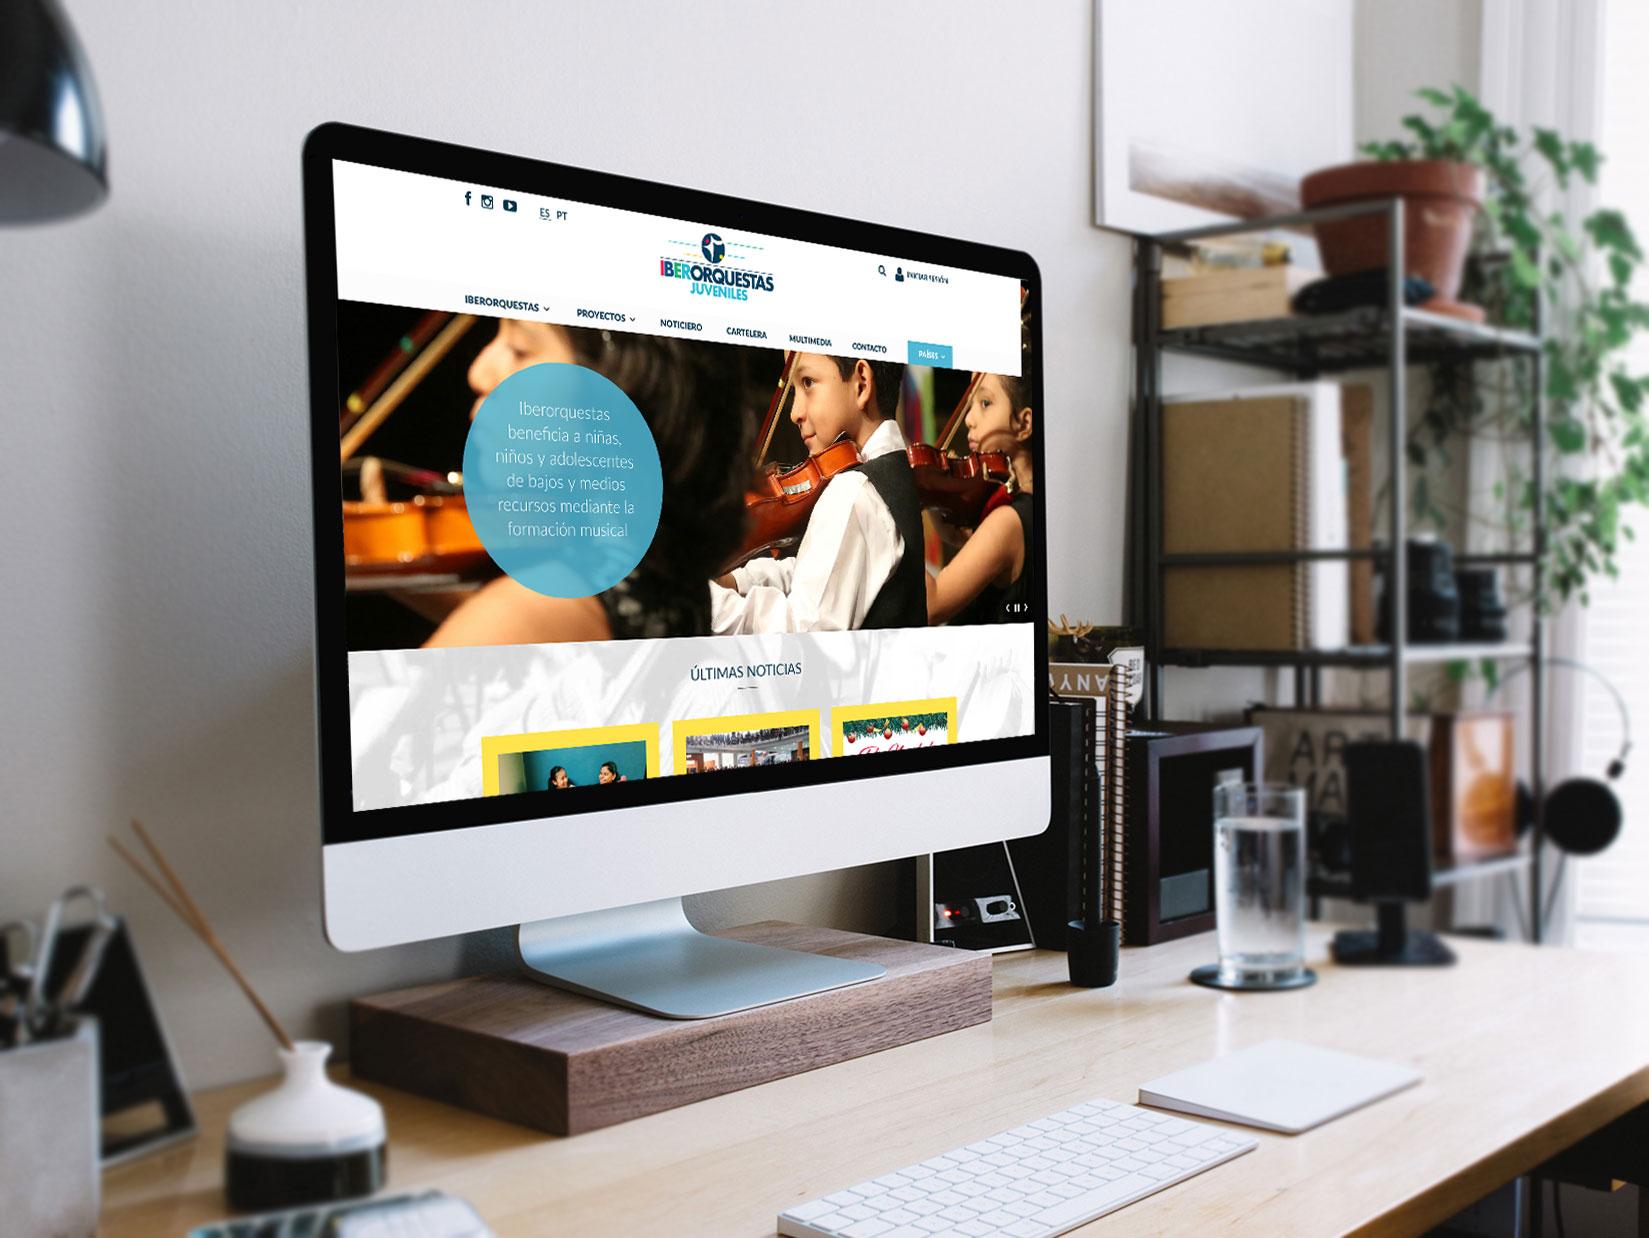 Diseño Web: diseño del sitio web responsive para Iberorquestas Juveniles.